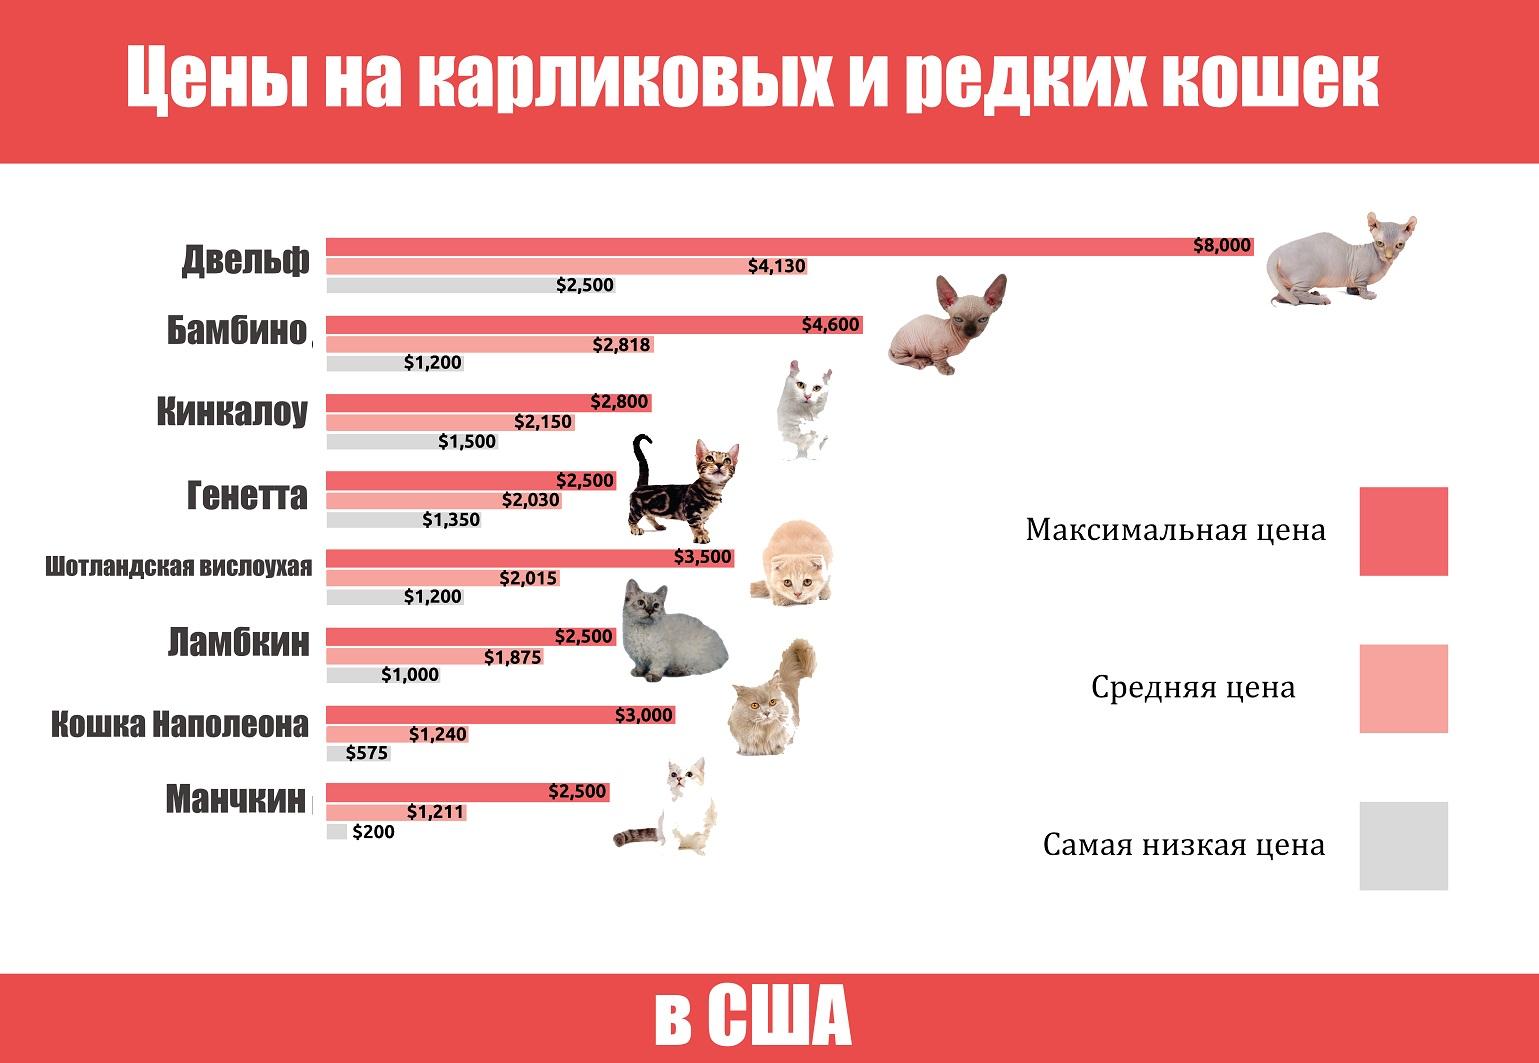 Цены на кошек в США